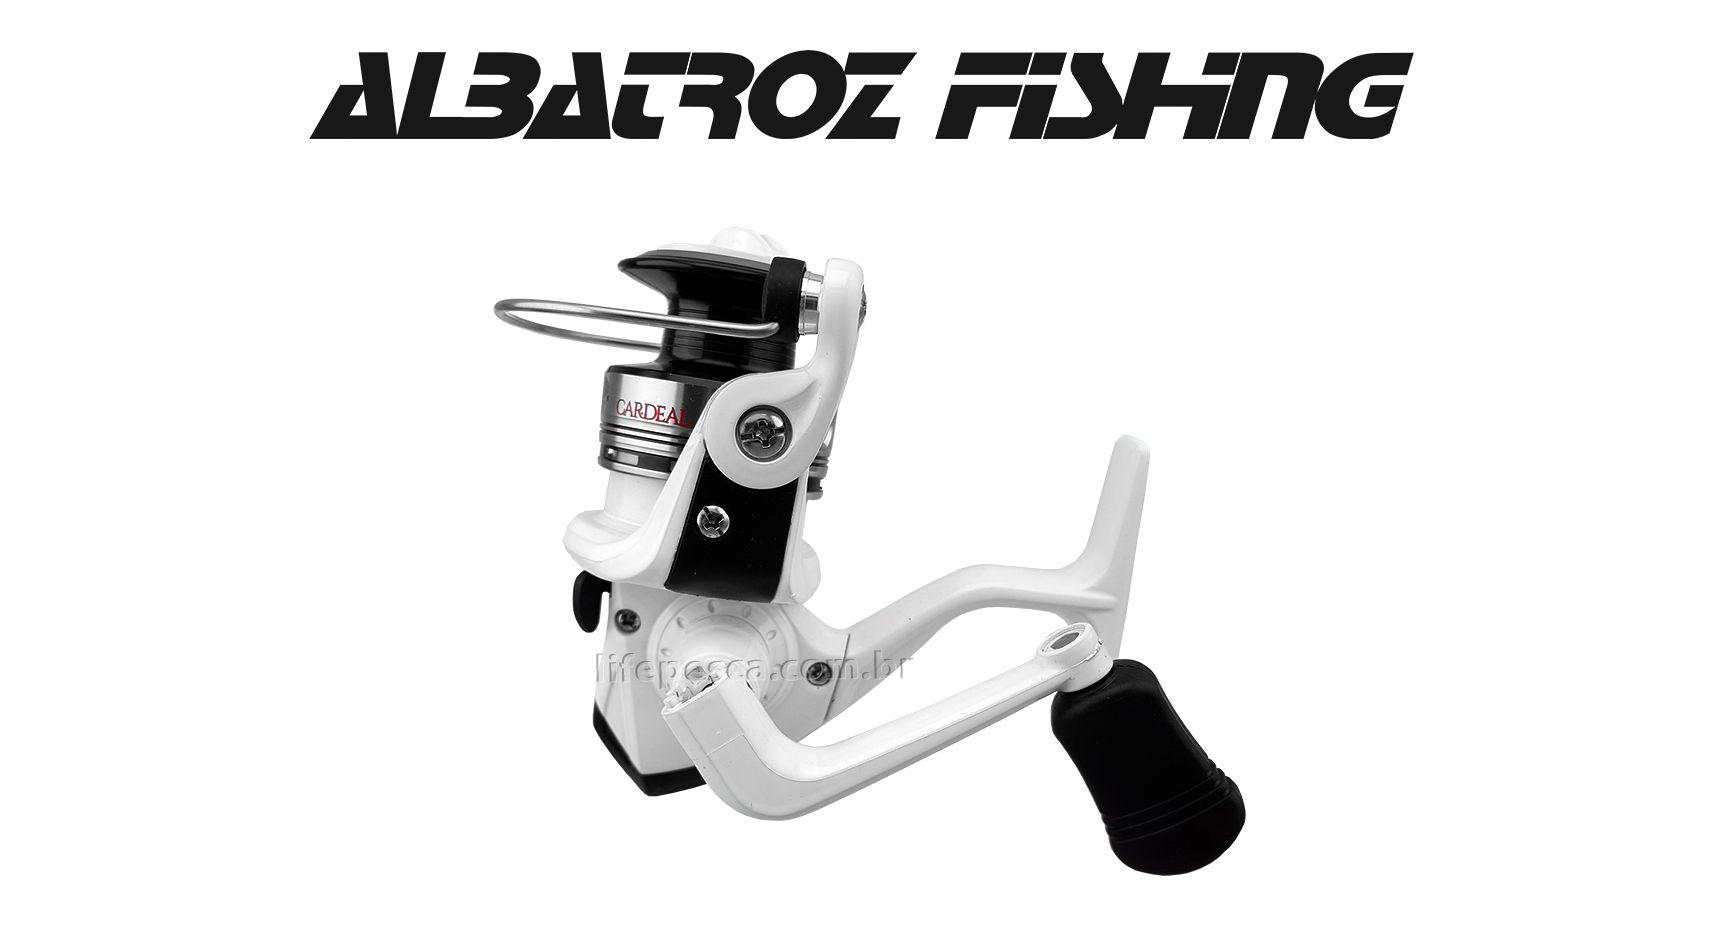 Molinete Albatroz Cardeal Ultralight - 3 Rolamentos  - Life Pesca - Sua loja de Pesca, Camping e Lazer